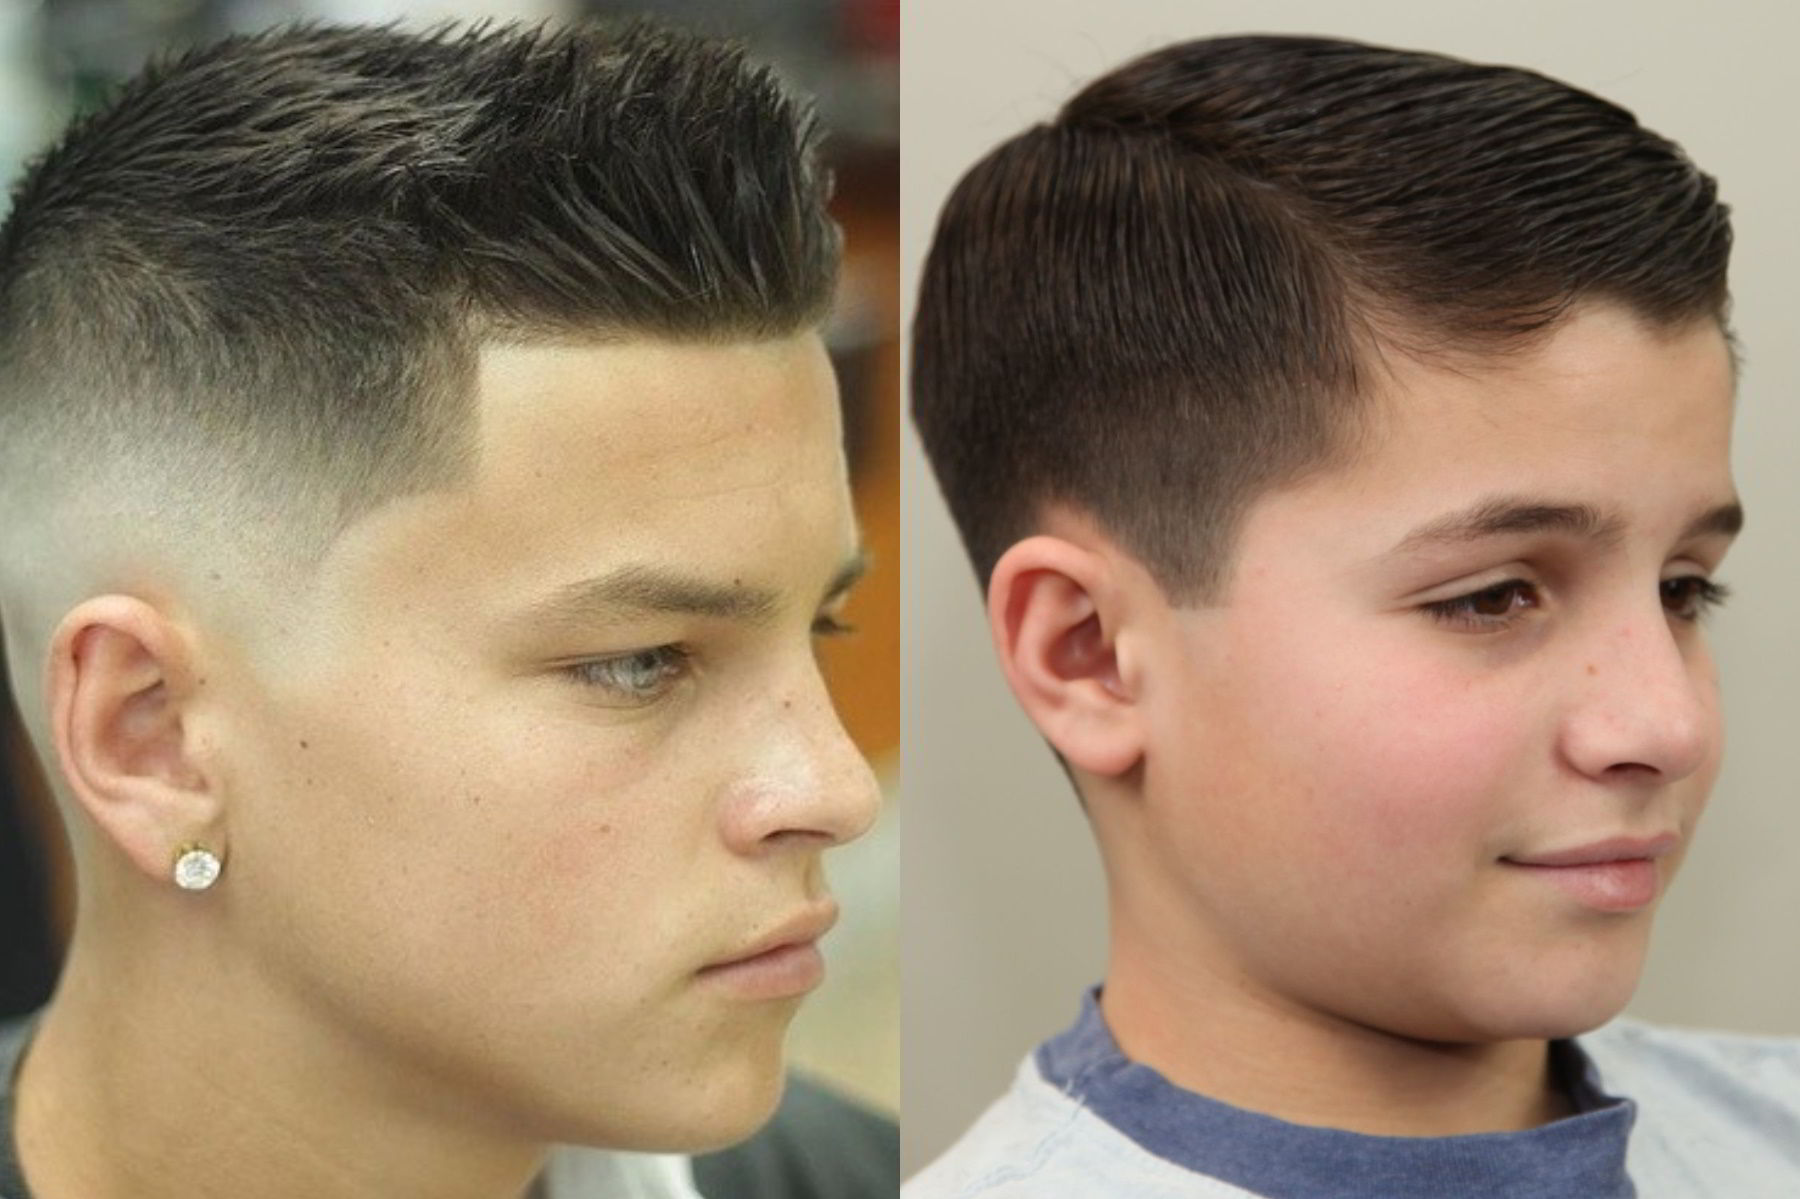 Модная прическа бокс и полубокс для мальчиков 12-13 лет 2020